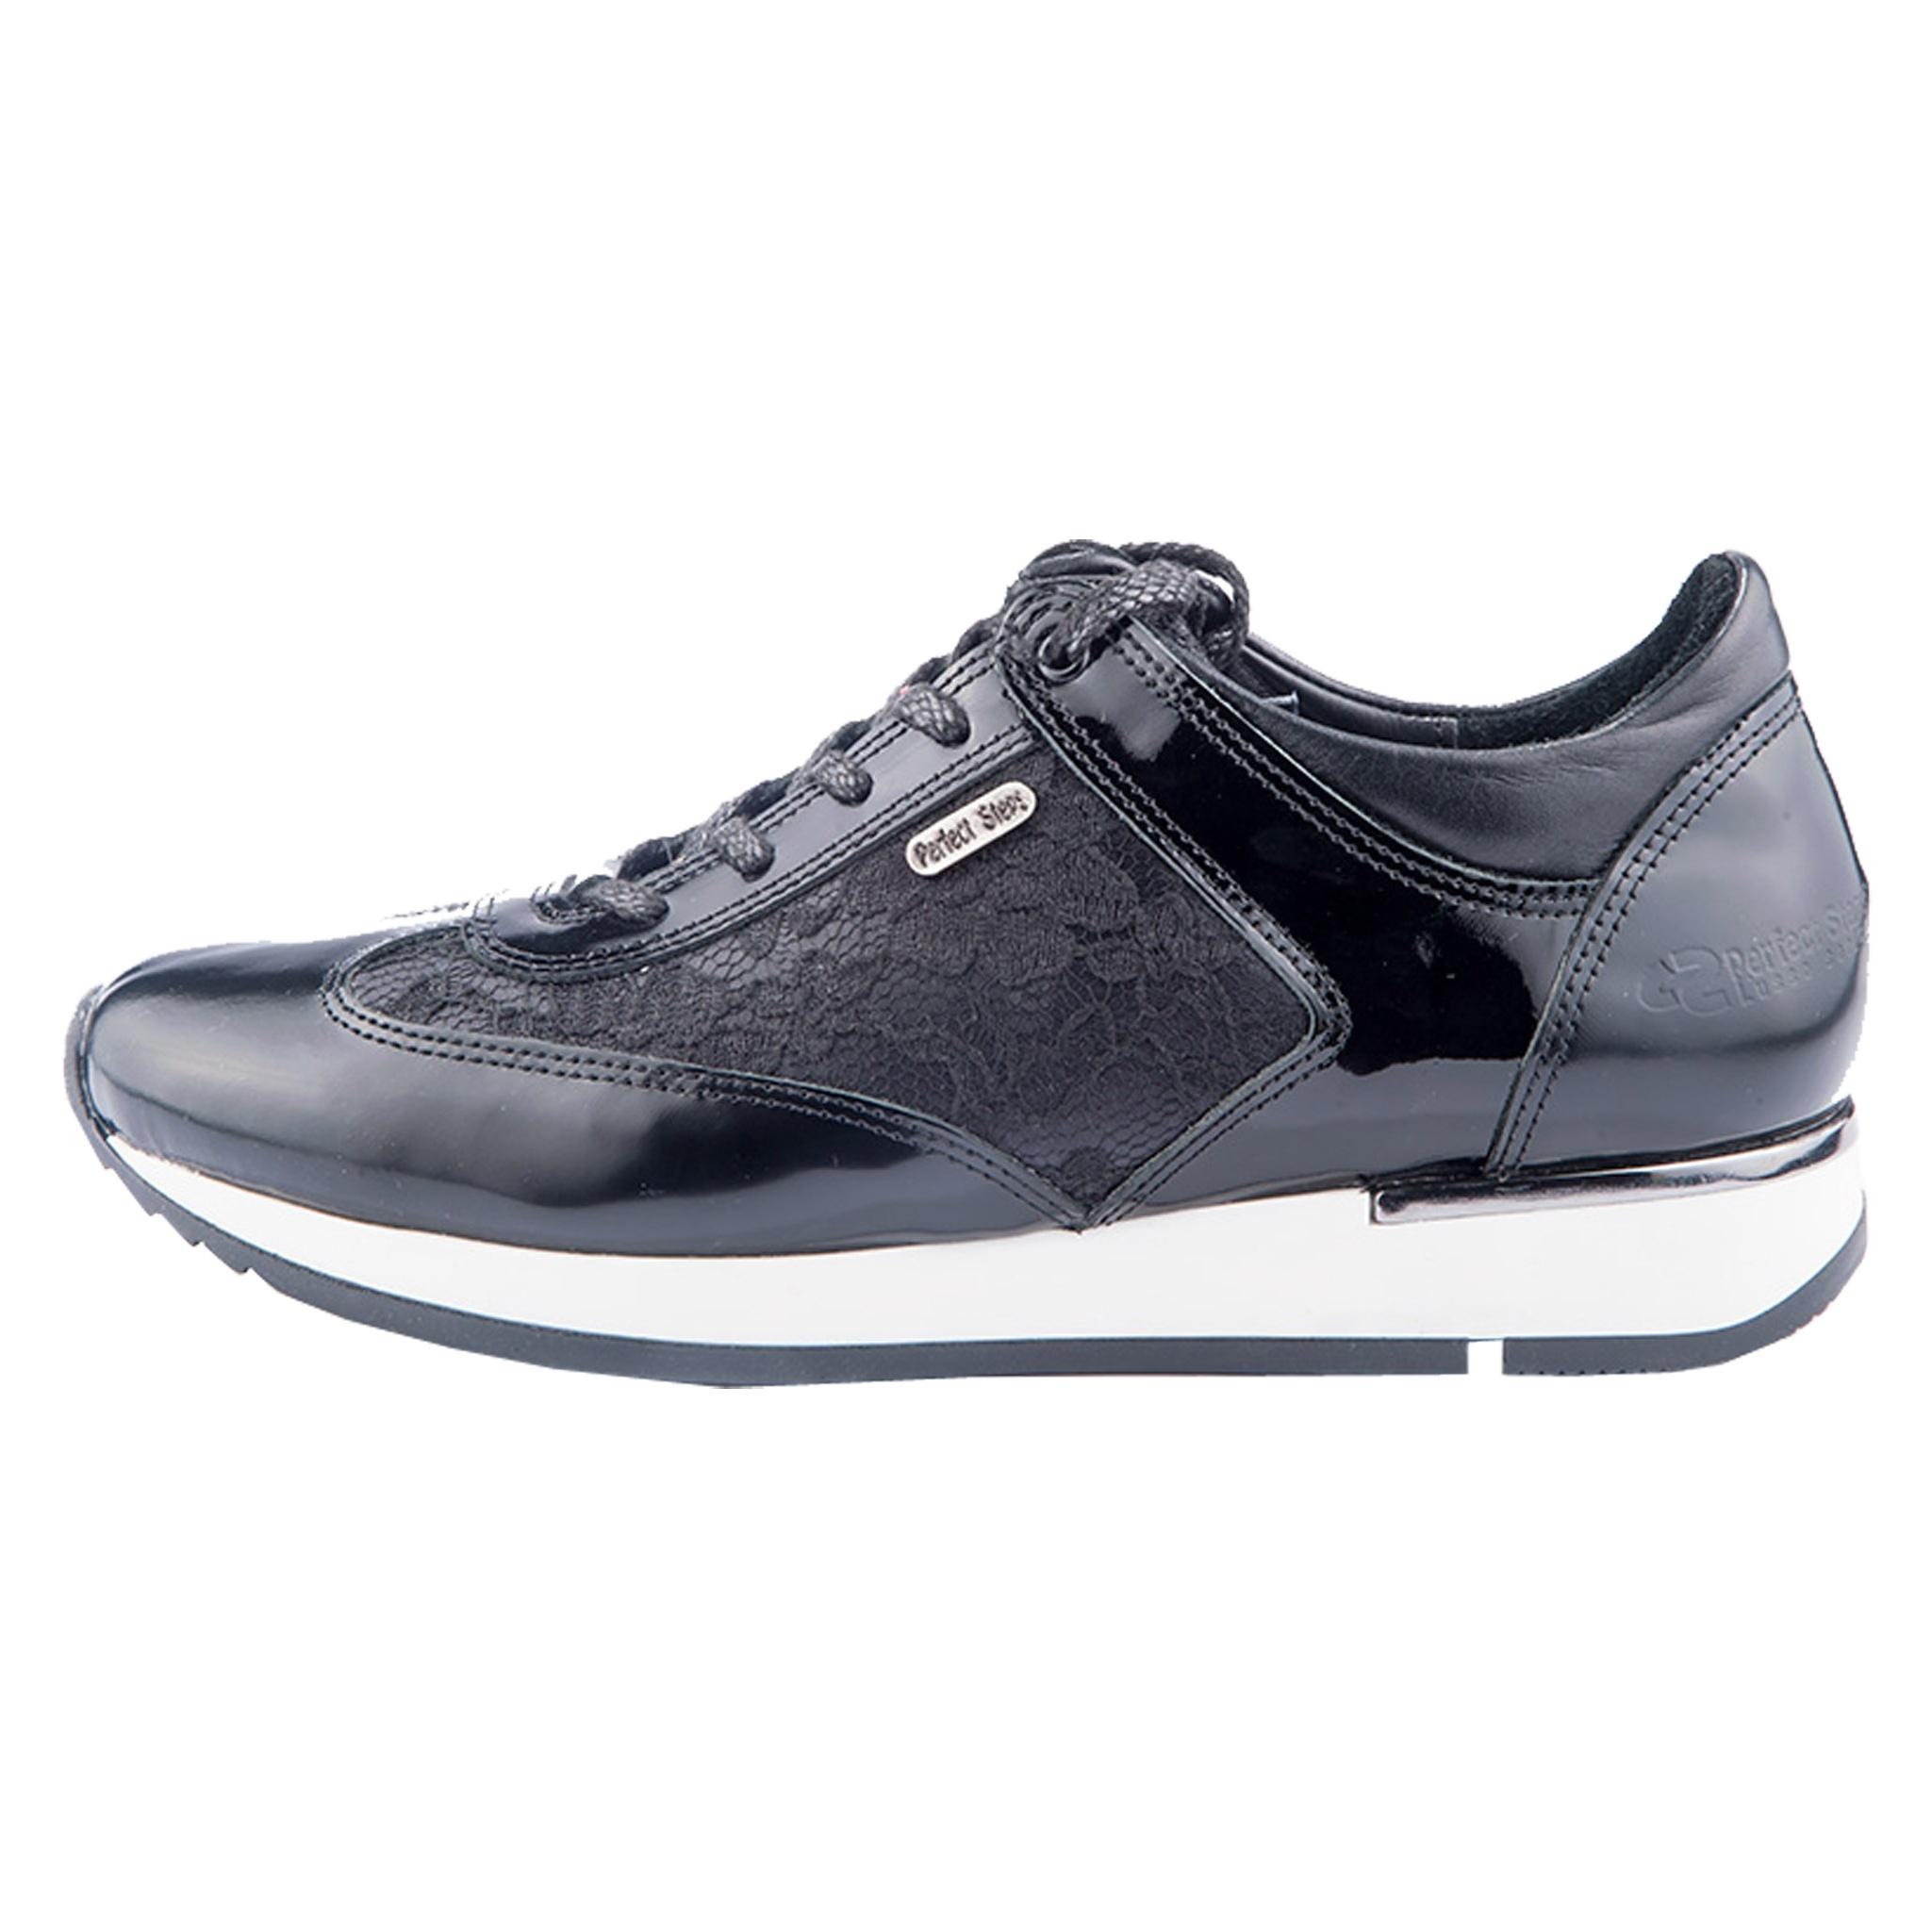 کفش روزمره زنانه پرفکت استپس مدل لوسو کد 002